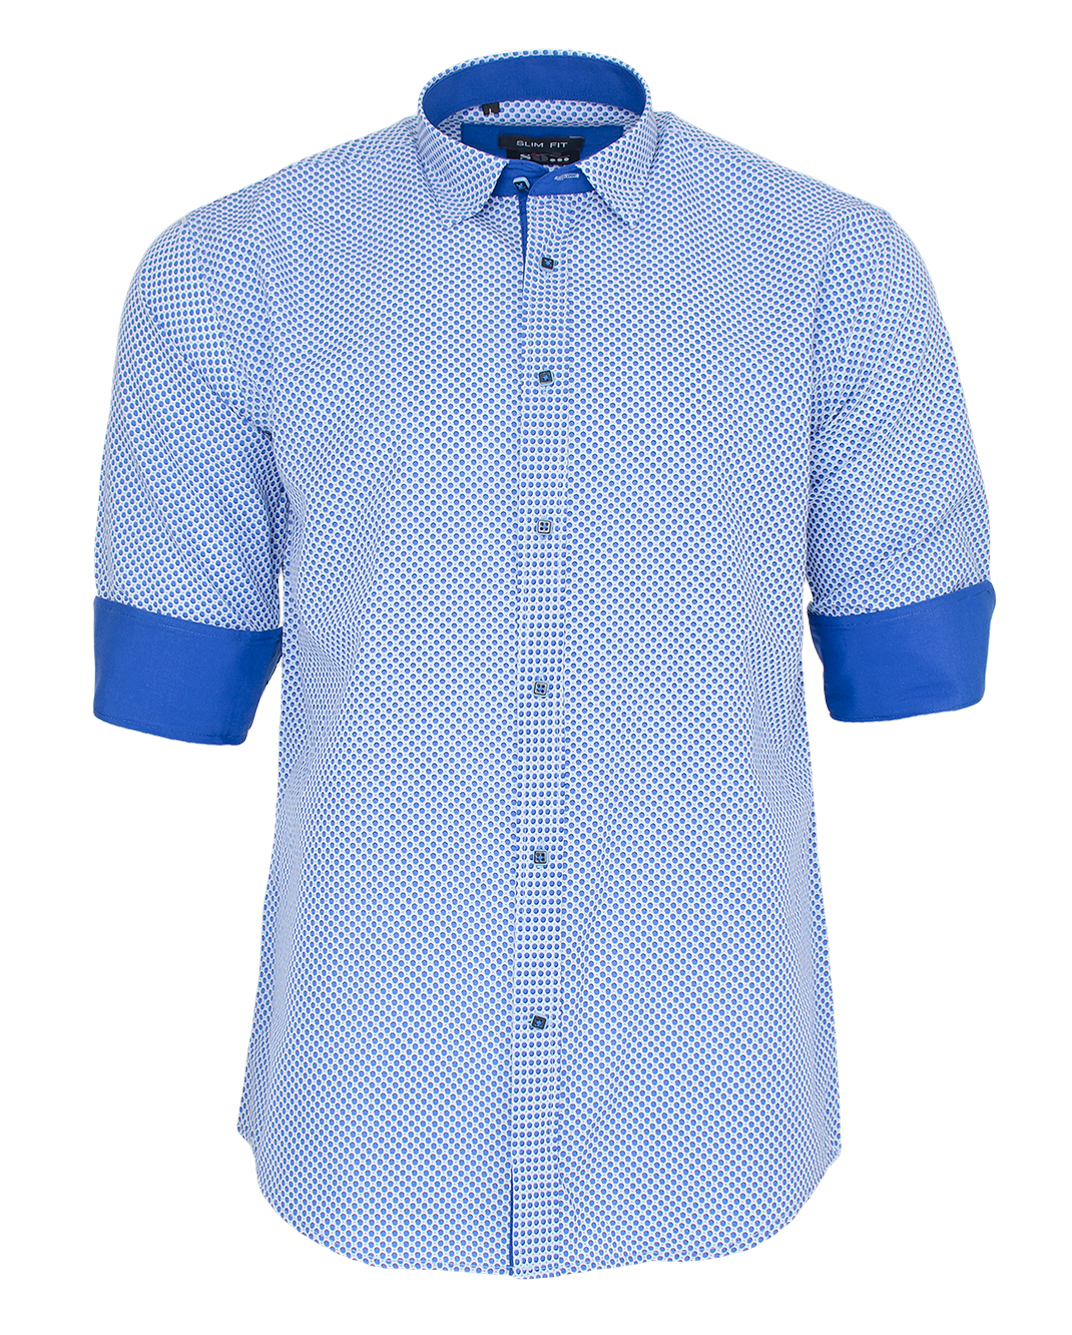 Ανδρικό Πουκάμισο So Fashion Ciel-Blue Poua-Σιέλ αρχική ανδρικά ρούχα επιλογή ανά προϊόν πουκάμισα